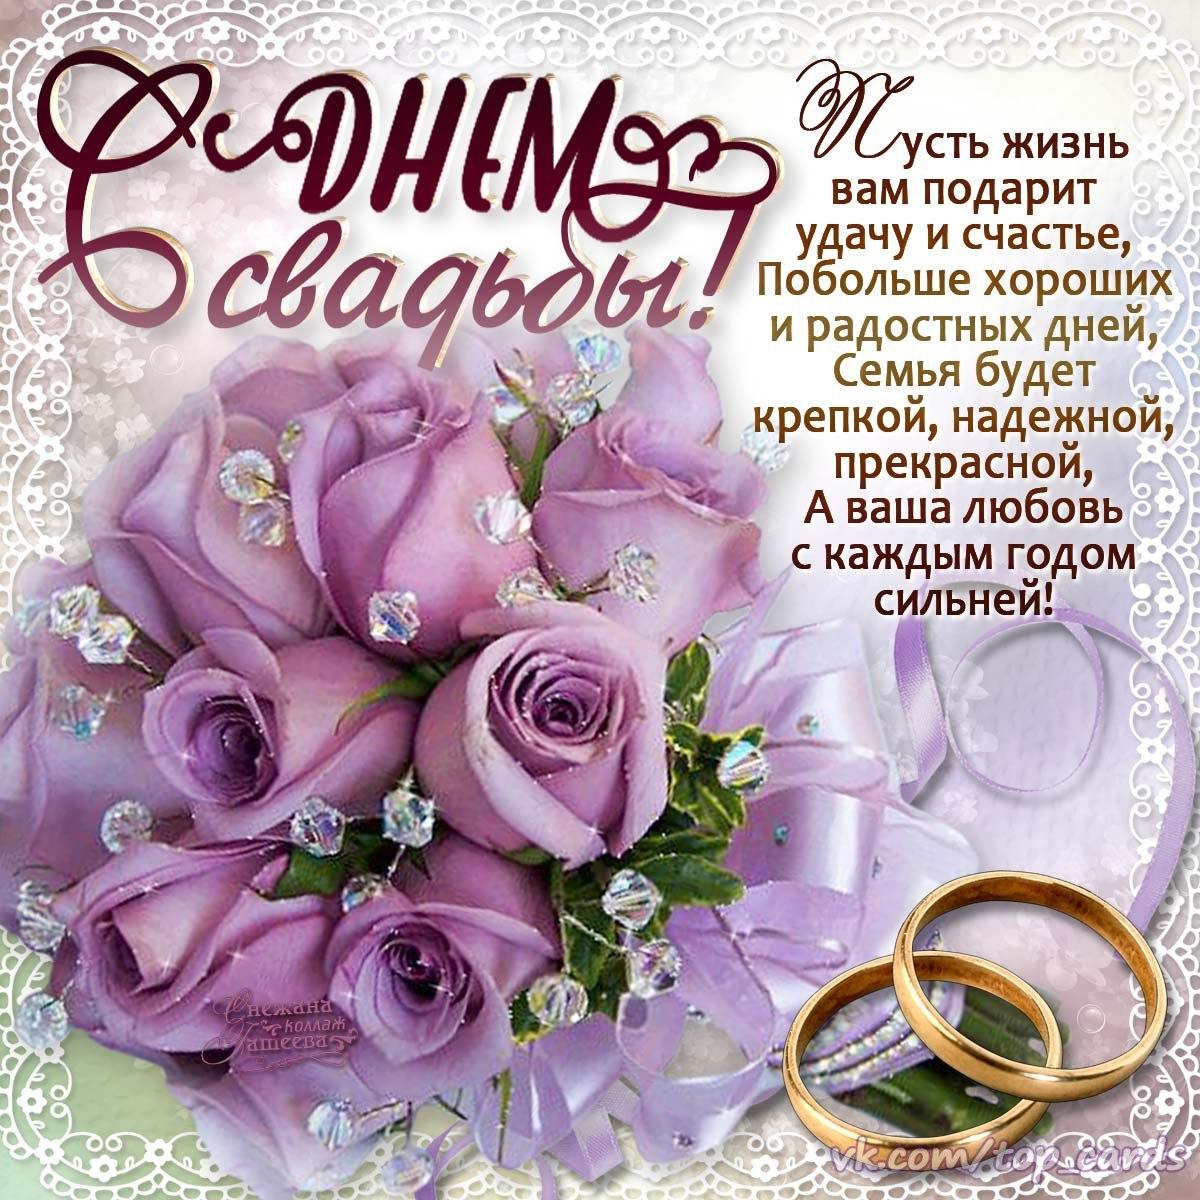 Православные поздравления с днем рожденья мужчине